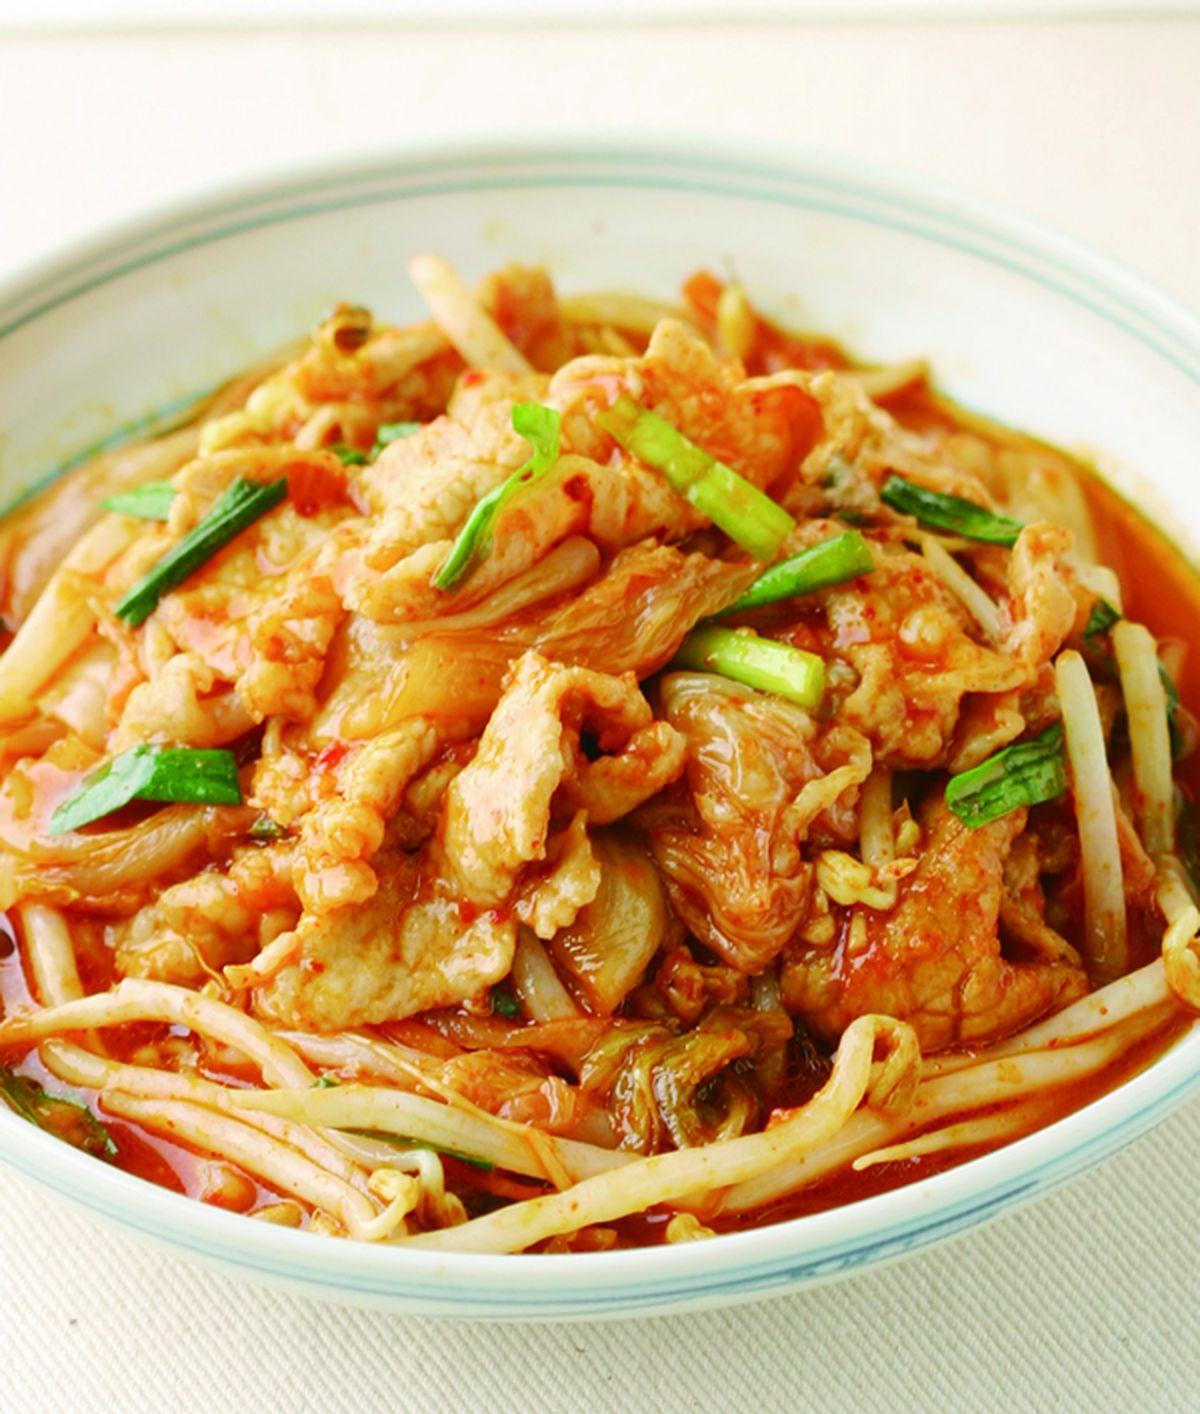 食譜:泡菜豆芽炒肉片